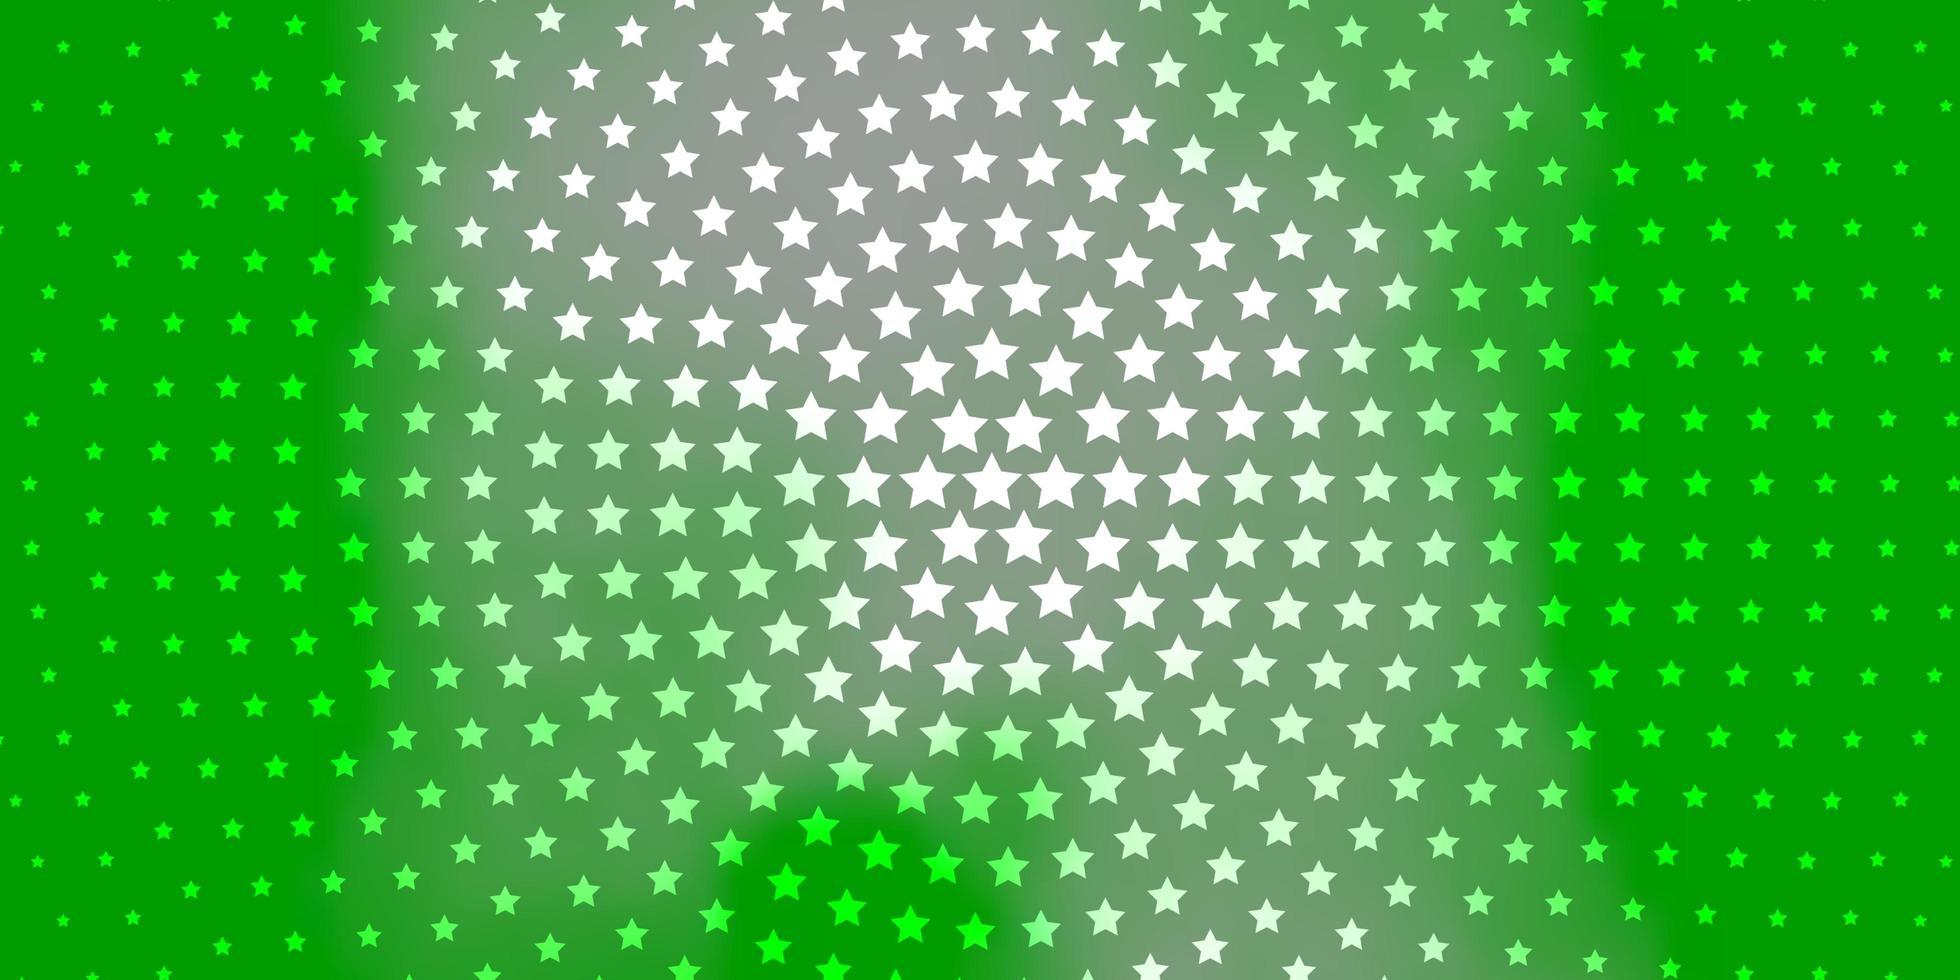 modèle vert clair avec des étoiles au néon. vecteur